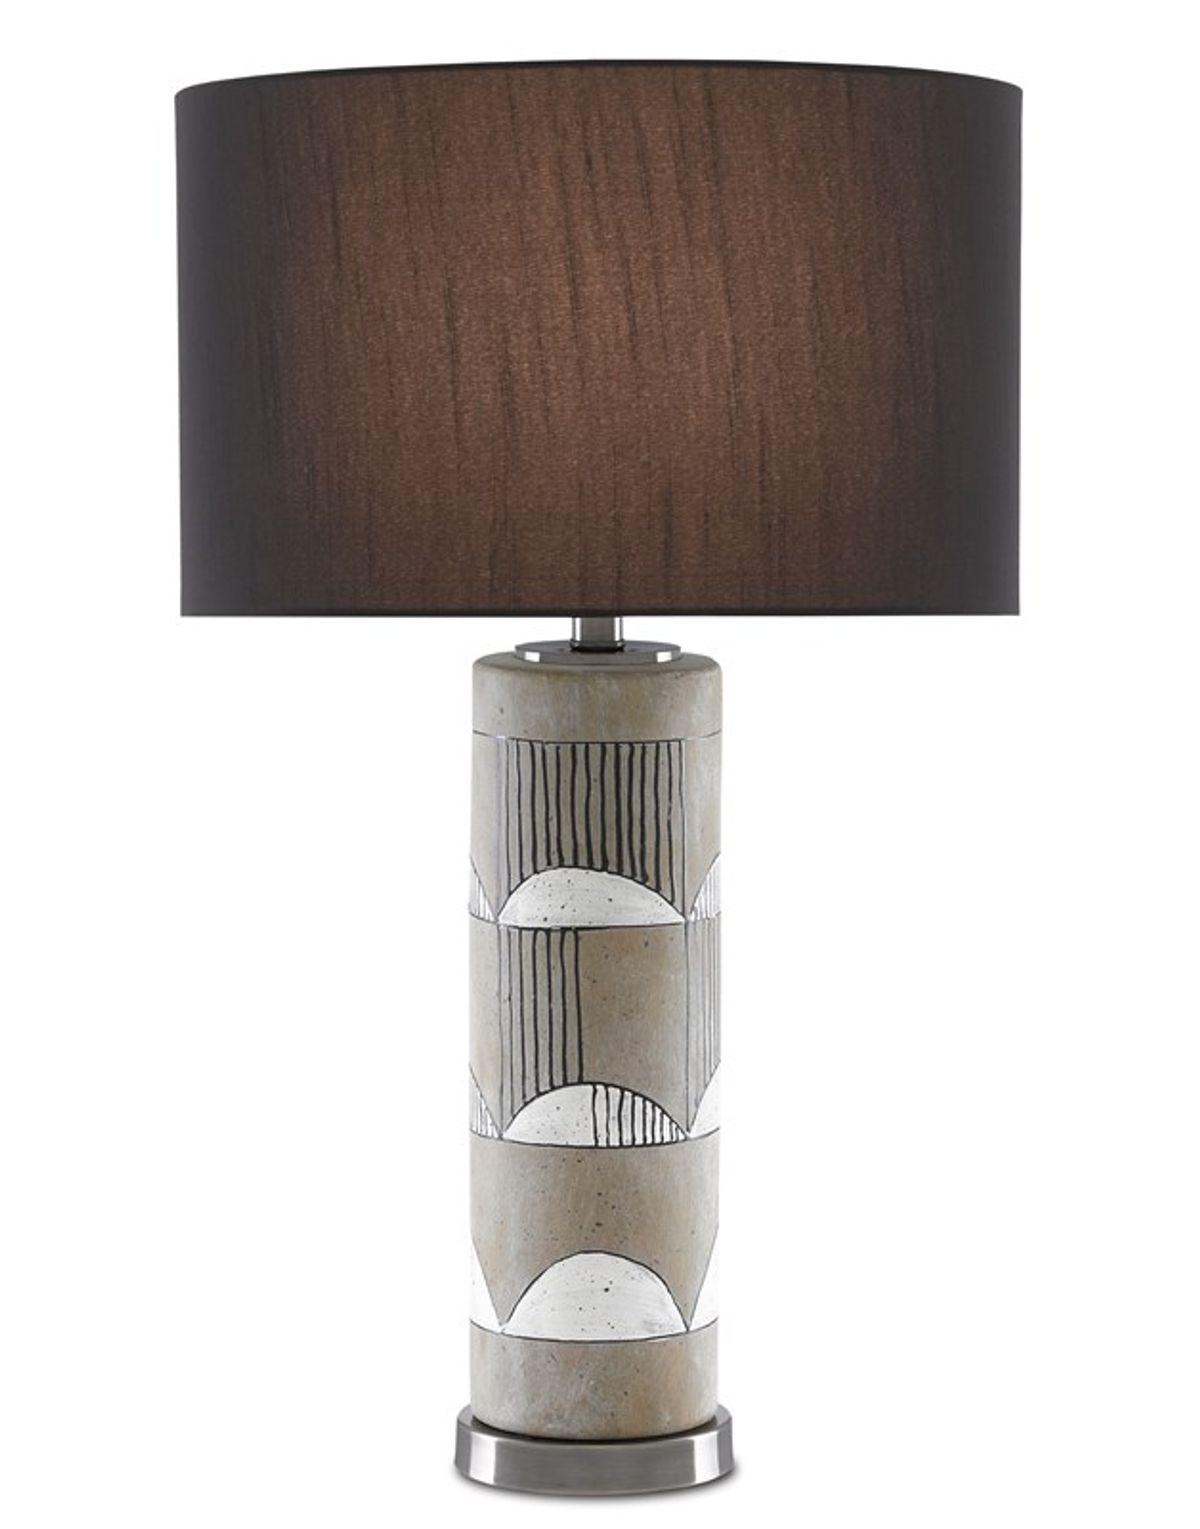 Primitivo Table Lamp